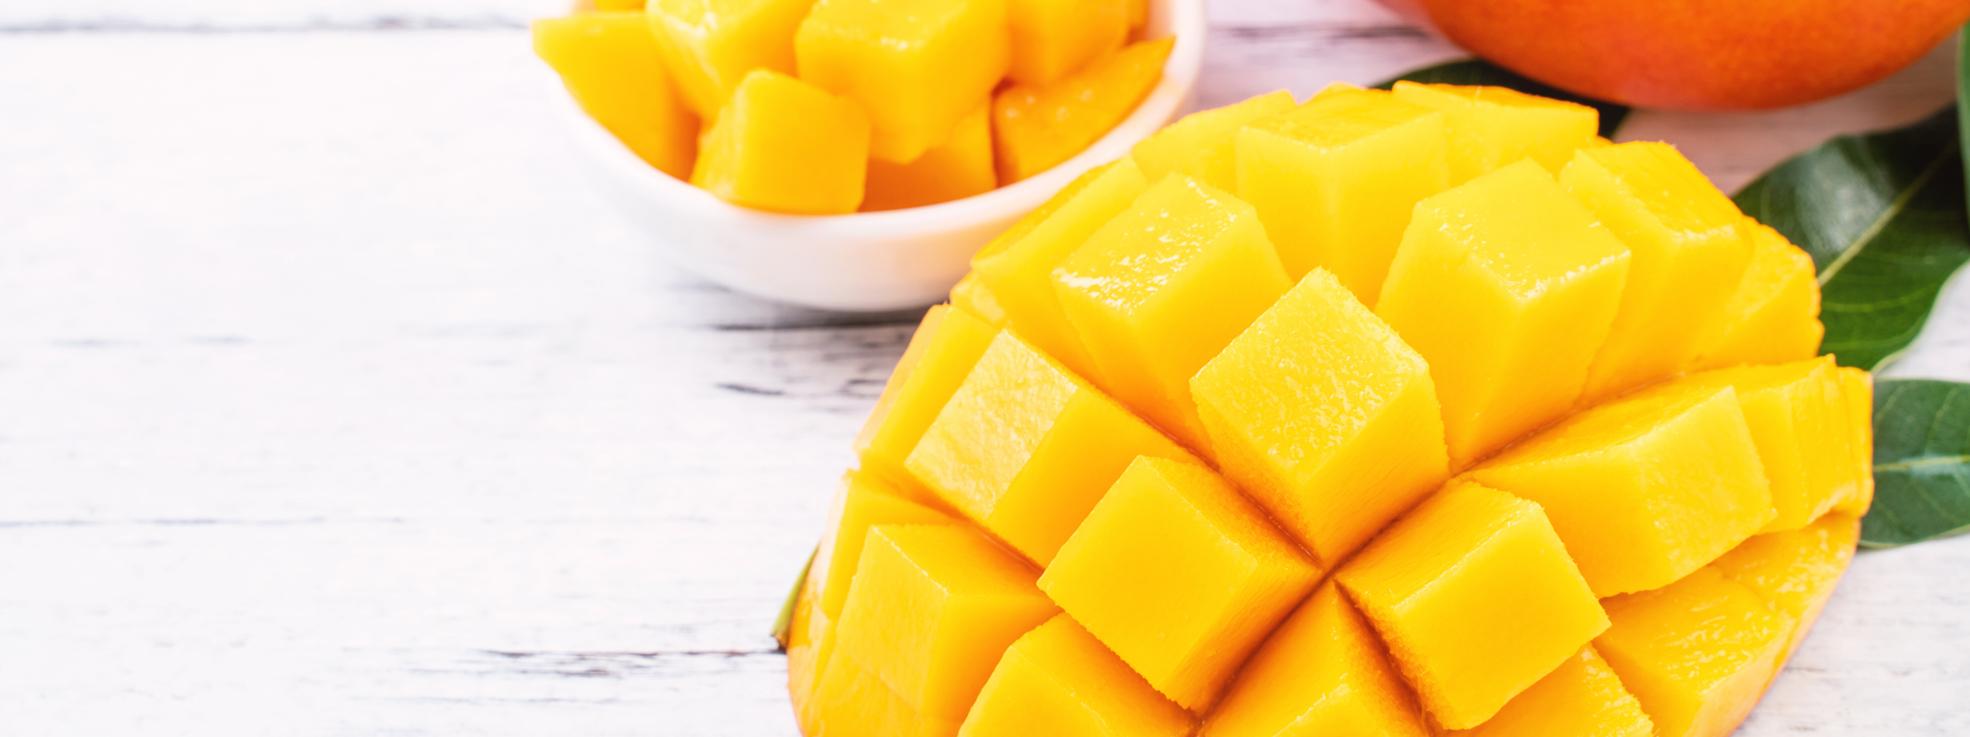 پھلوں کا بادشاہ آم